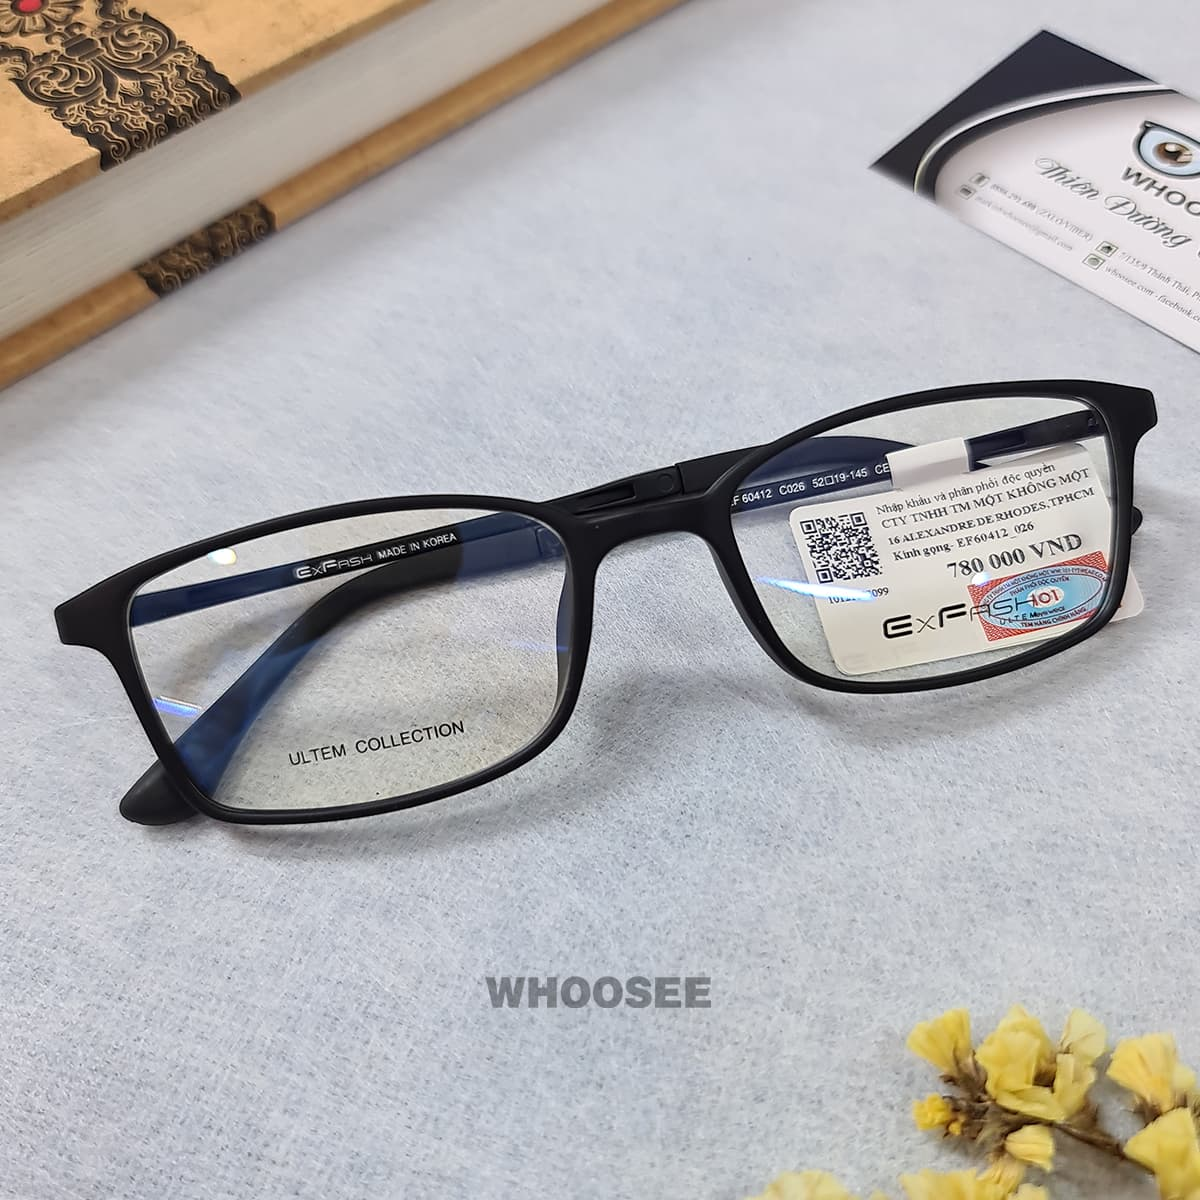 gọng kính cận màu đen cho nam nữ ef60412 c026 exfash